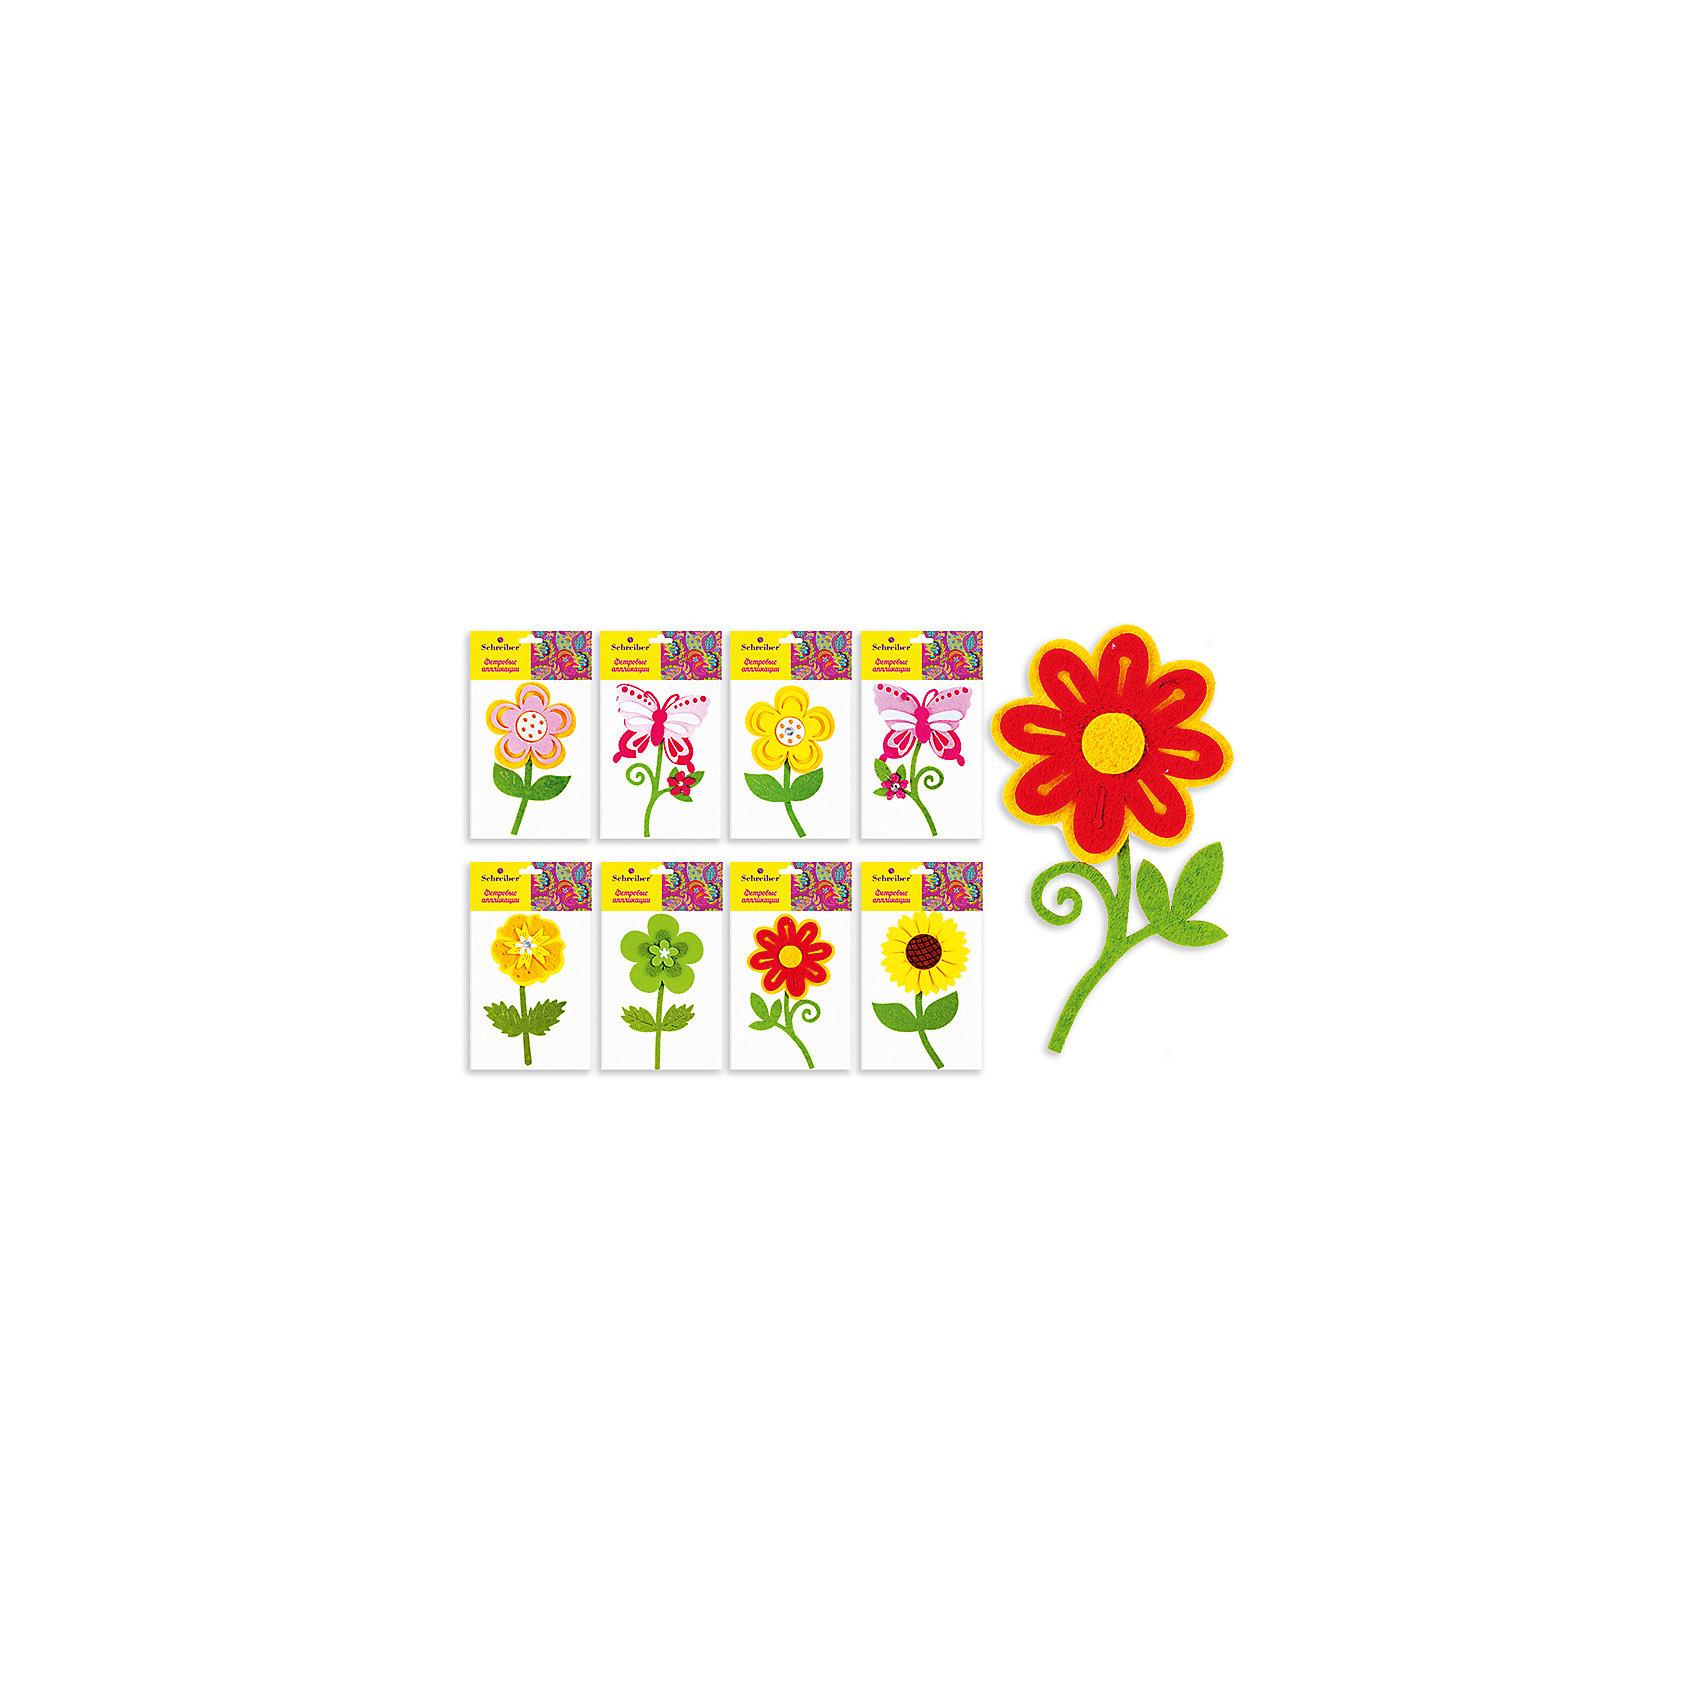 Фетровые аппликации Цветок 12*10 см (8 дизайнов в ассортименте)Фетровые аппликации Цветок 12*10 см (8 дизайнов в ассортименте) от известного торгового бренда канцелярских товаров и товаров для творчества TUKZAR. Набор включает в себя разноцветные заготовки животных, растений и других предметов для занятий аппликацией с детьми дошкольного и младшего школьного возраста. Комплектация позволяет создавать сюжетные картинки. Кроме того, данные заготовки можно использовать в качестве меток для детской одежды.<br>Фетровые аппликации Цветок 12*10 см (8 дизайнов в ассортименте) способствуют развитию у ребенка внимания, усидчивости, воображения и фантазии.<br><br>Дополнительная информация:<br><br>- Предназначение: для аппликаций<br>- Материал: фетр<br>- Комплектация: 8 дизайнов (цветочки и бабочки)<br>- Размеры упаковки (Д*В): 10*12 см<br>- Упаковка: полиэтилен<br><br>Подробнее:<br><br>• Для детей в возрасте: от 3 лет <br>• Страна производитель: Китай<br>• Торговый бренд: TUKZAR<br><br>Фетровые аппликации Цветок 12*10 см (8 дизайнов в ассортименте) можно купить в нашем интернет-магазине.<br><br>Ширина мм: 120<br>Глубина мм: 100<br>Высота мм: 10<br>Вес г: 50<br>Возраст от месяцев: 36<br>Возраст до месяцев: 72<br>Пол: Унисекс<br>Возраст: Детский<br>SKU: 5001411